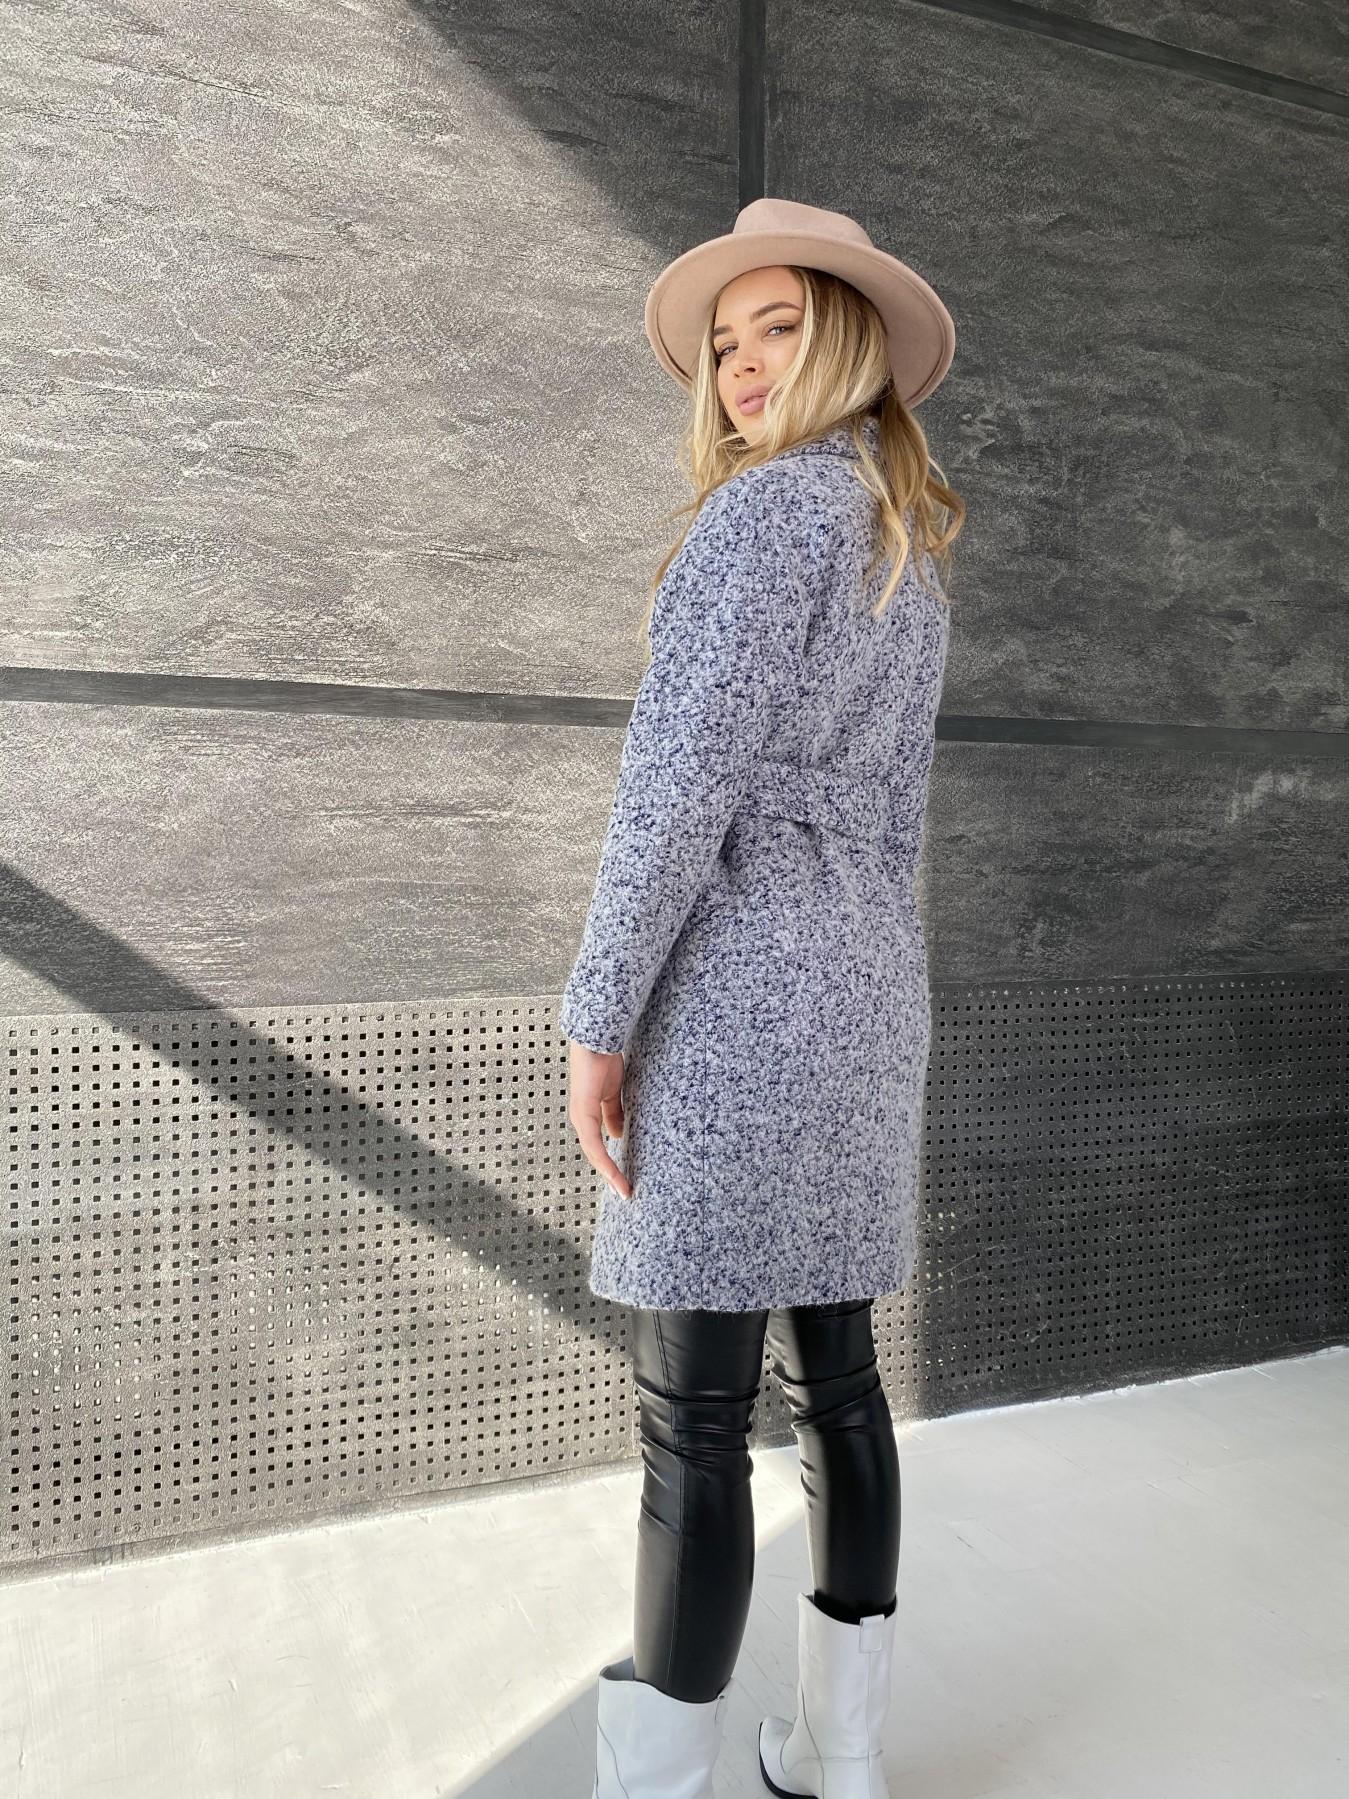 Сенсей пальто из шерсти букле 10780 АРТ. 47234 Цвет: Серо-голубой 60 - фото 4, интернет магазин tm-modus.ru